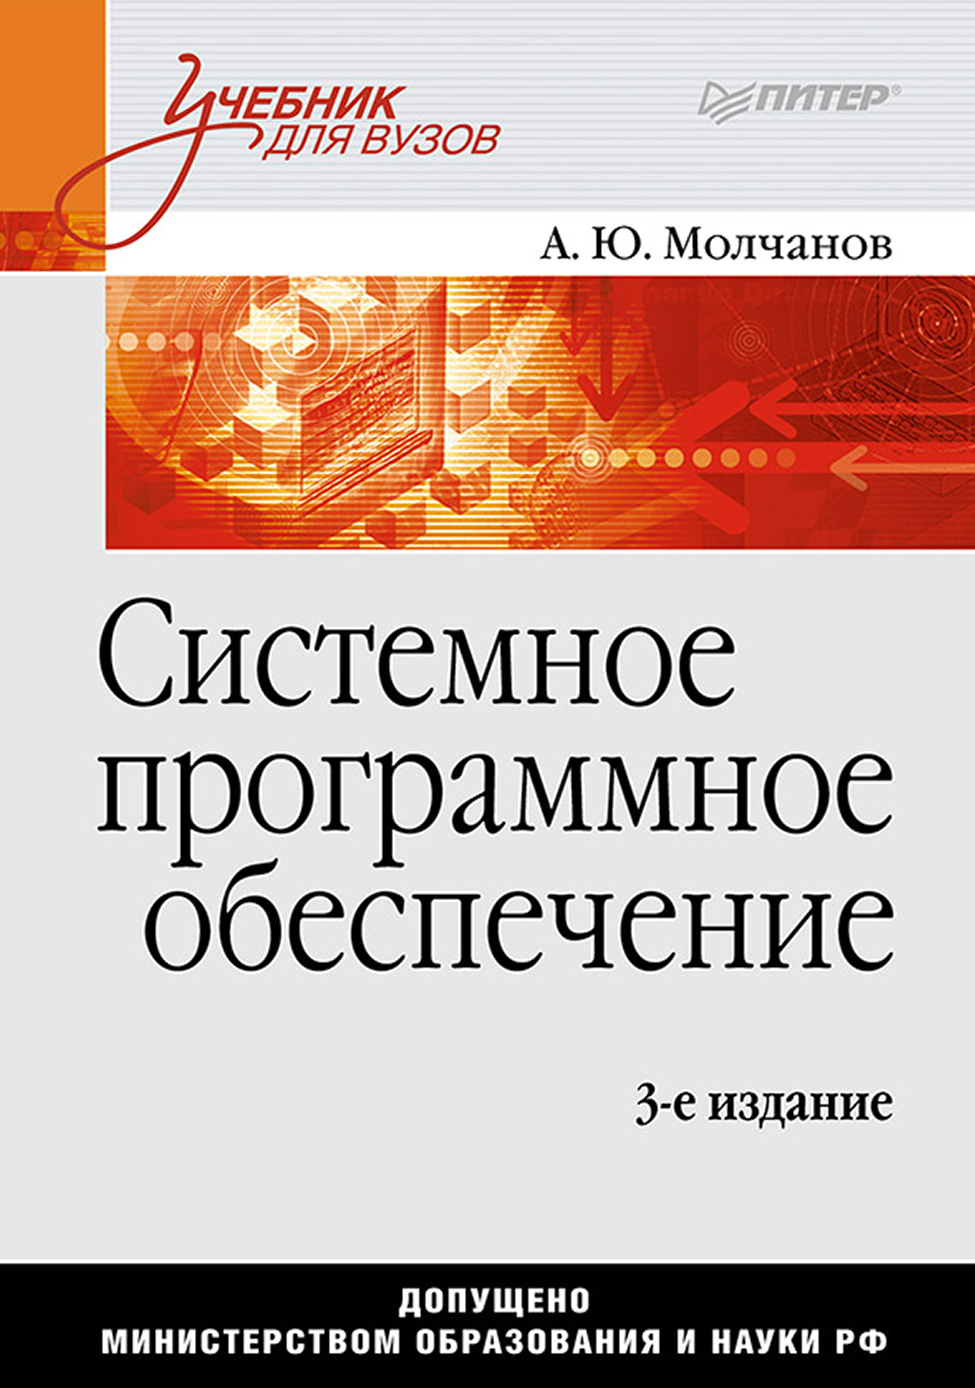 Обложка книги Системное программное обеспечение. Учебник для вузов, автор Алексей Молчанов